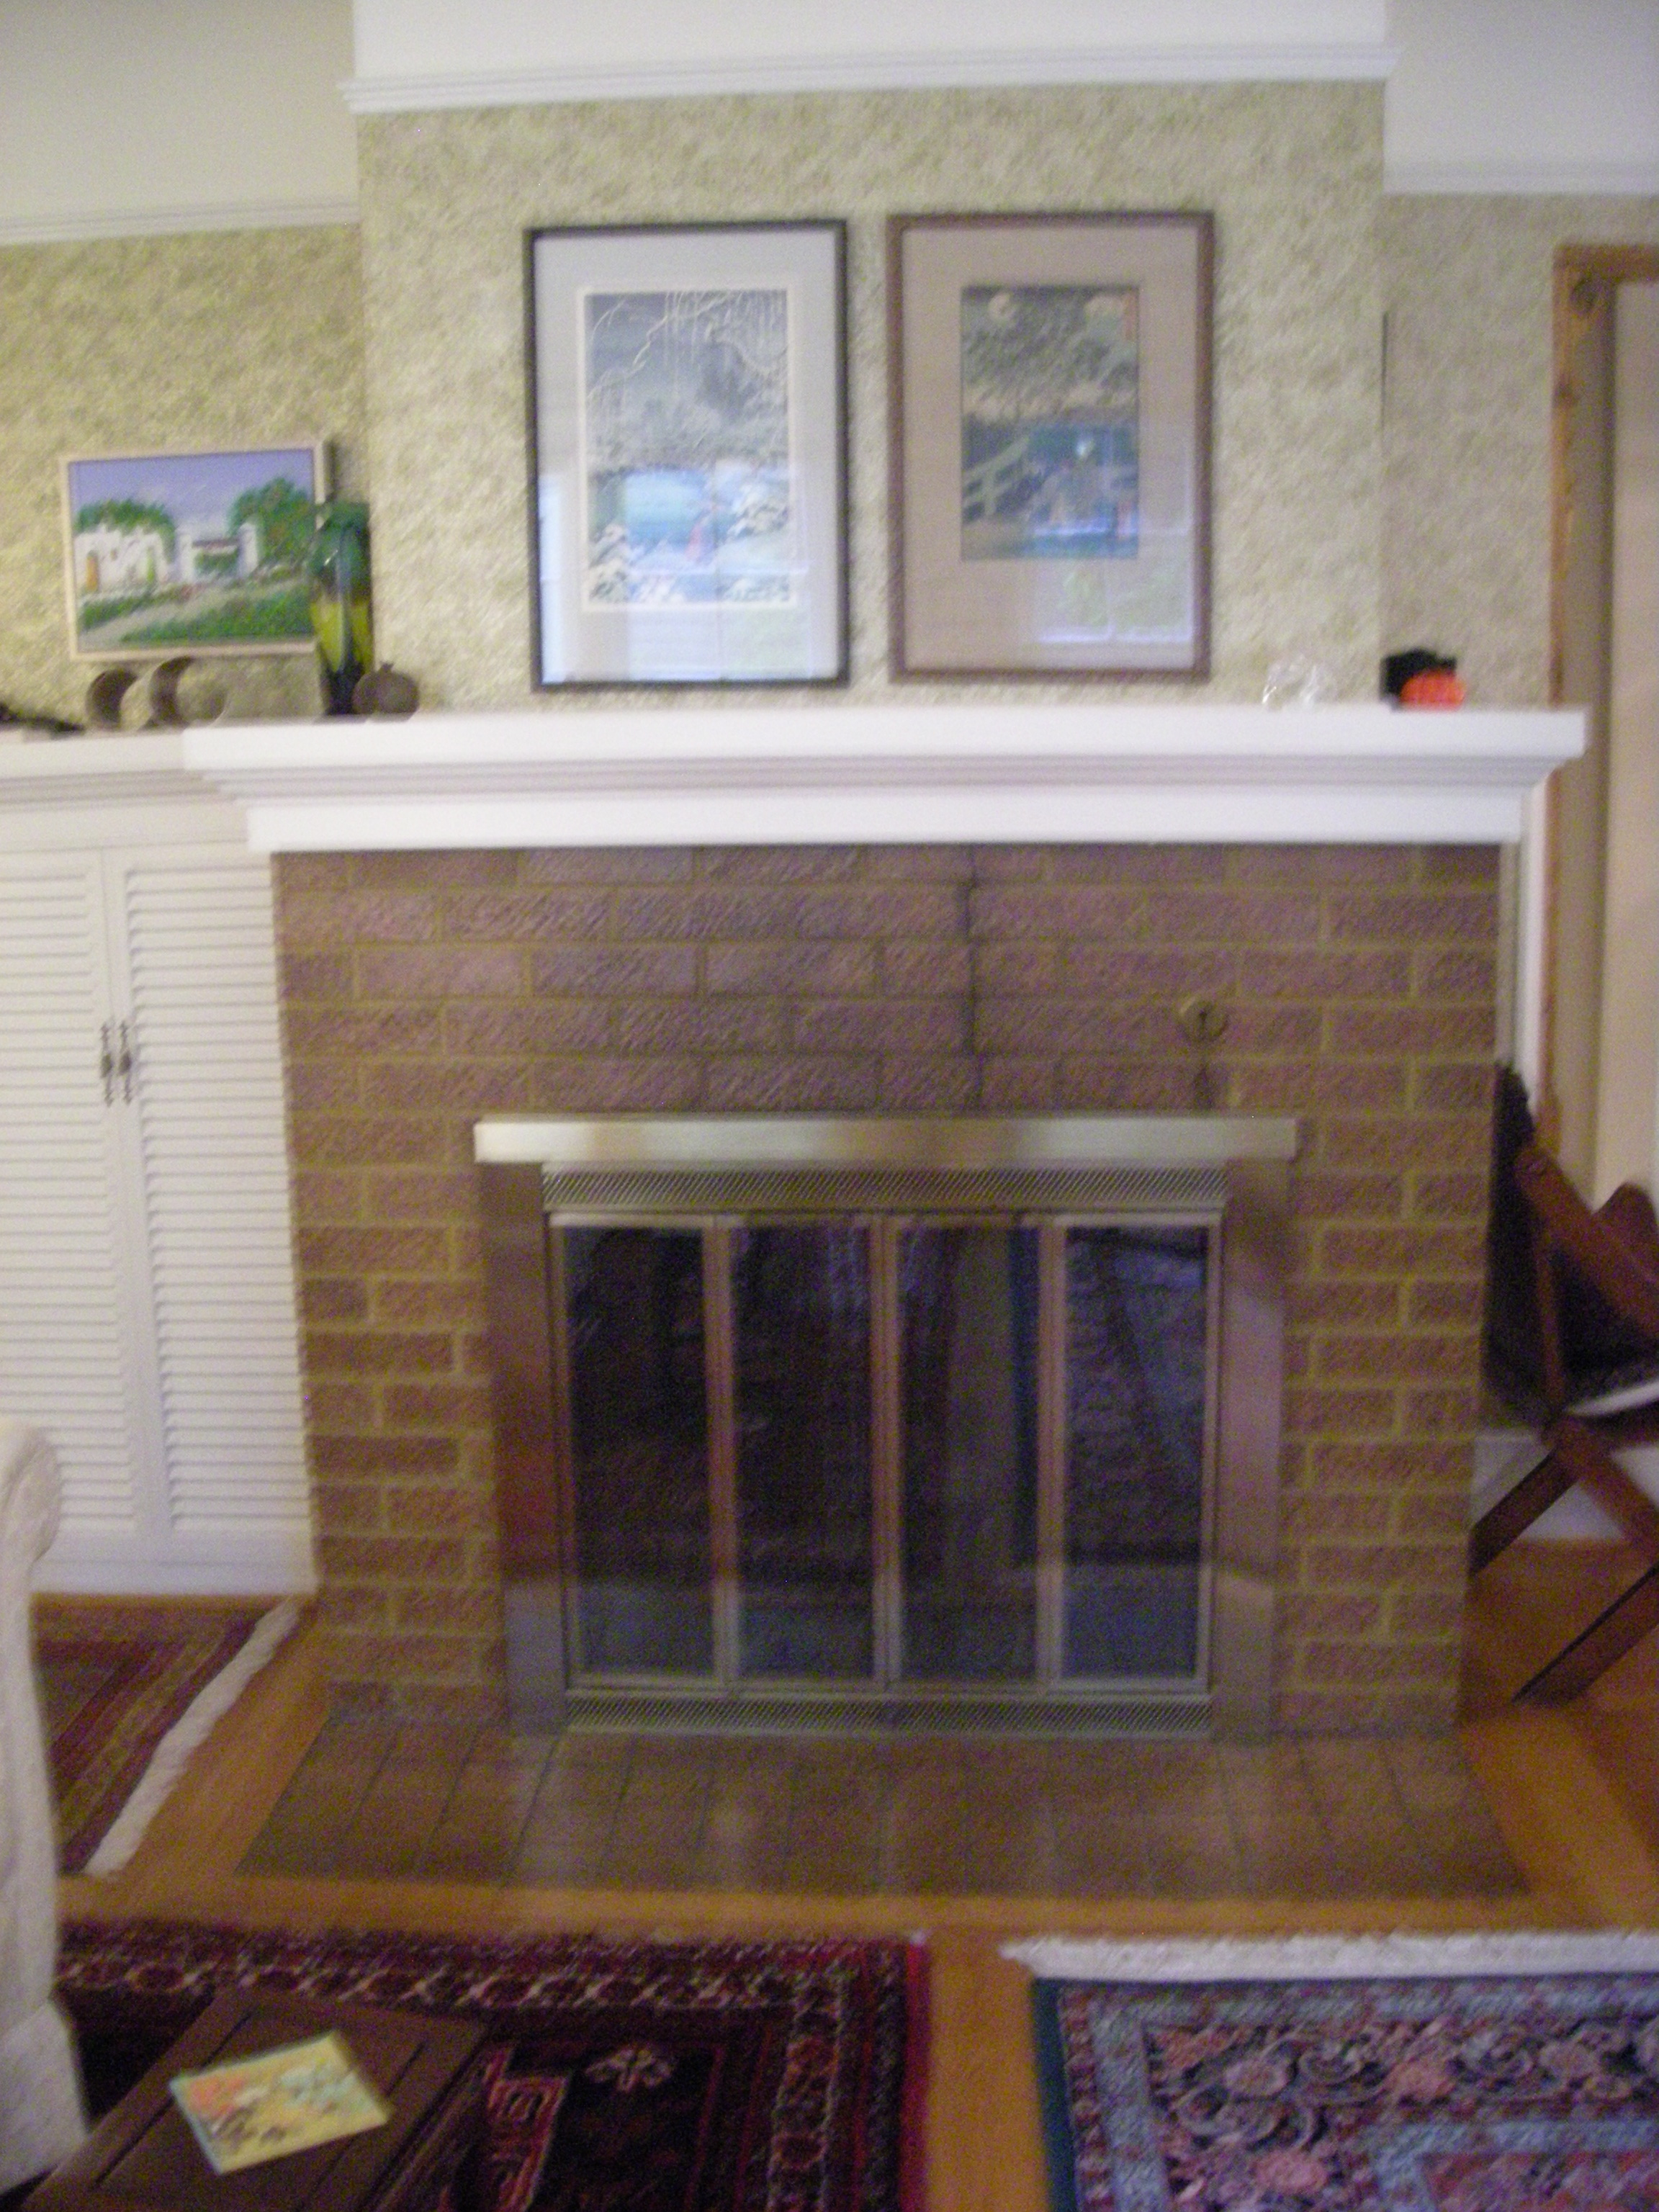 emery u0026 associates interior design